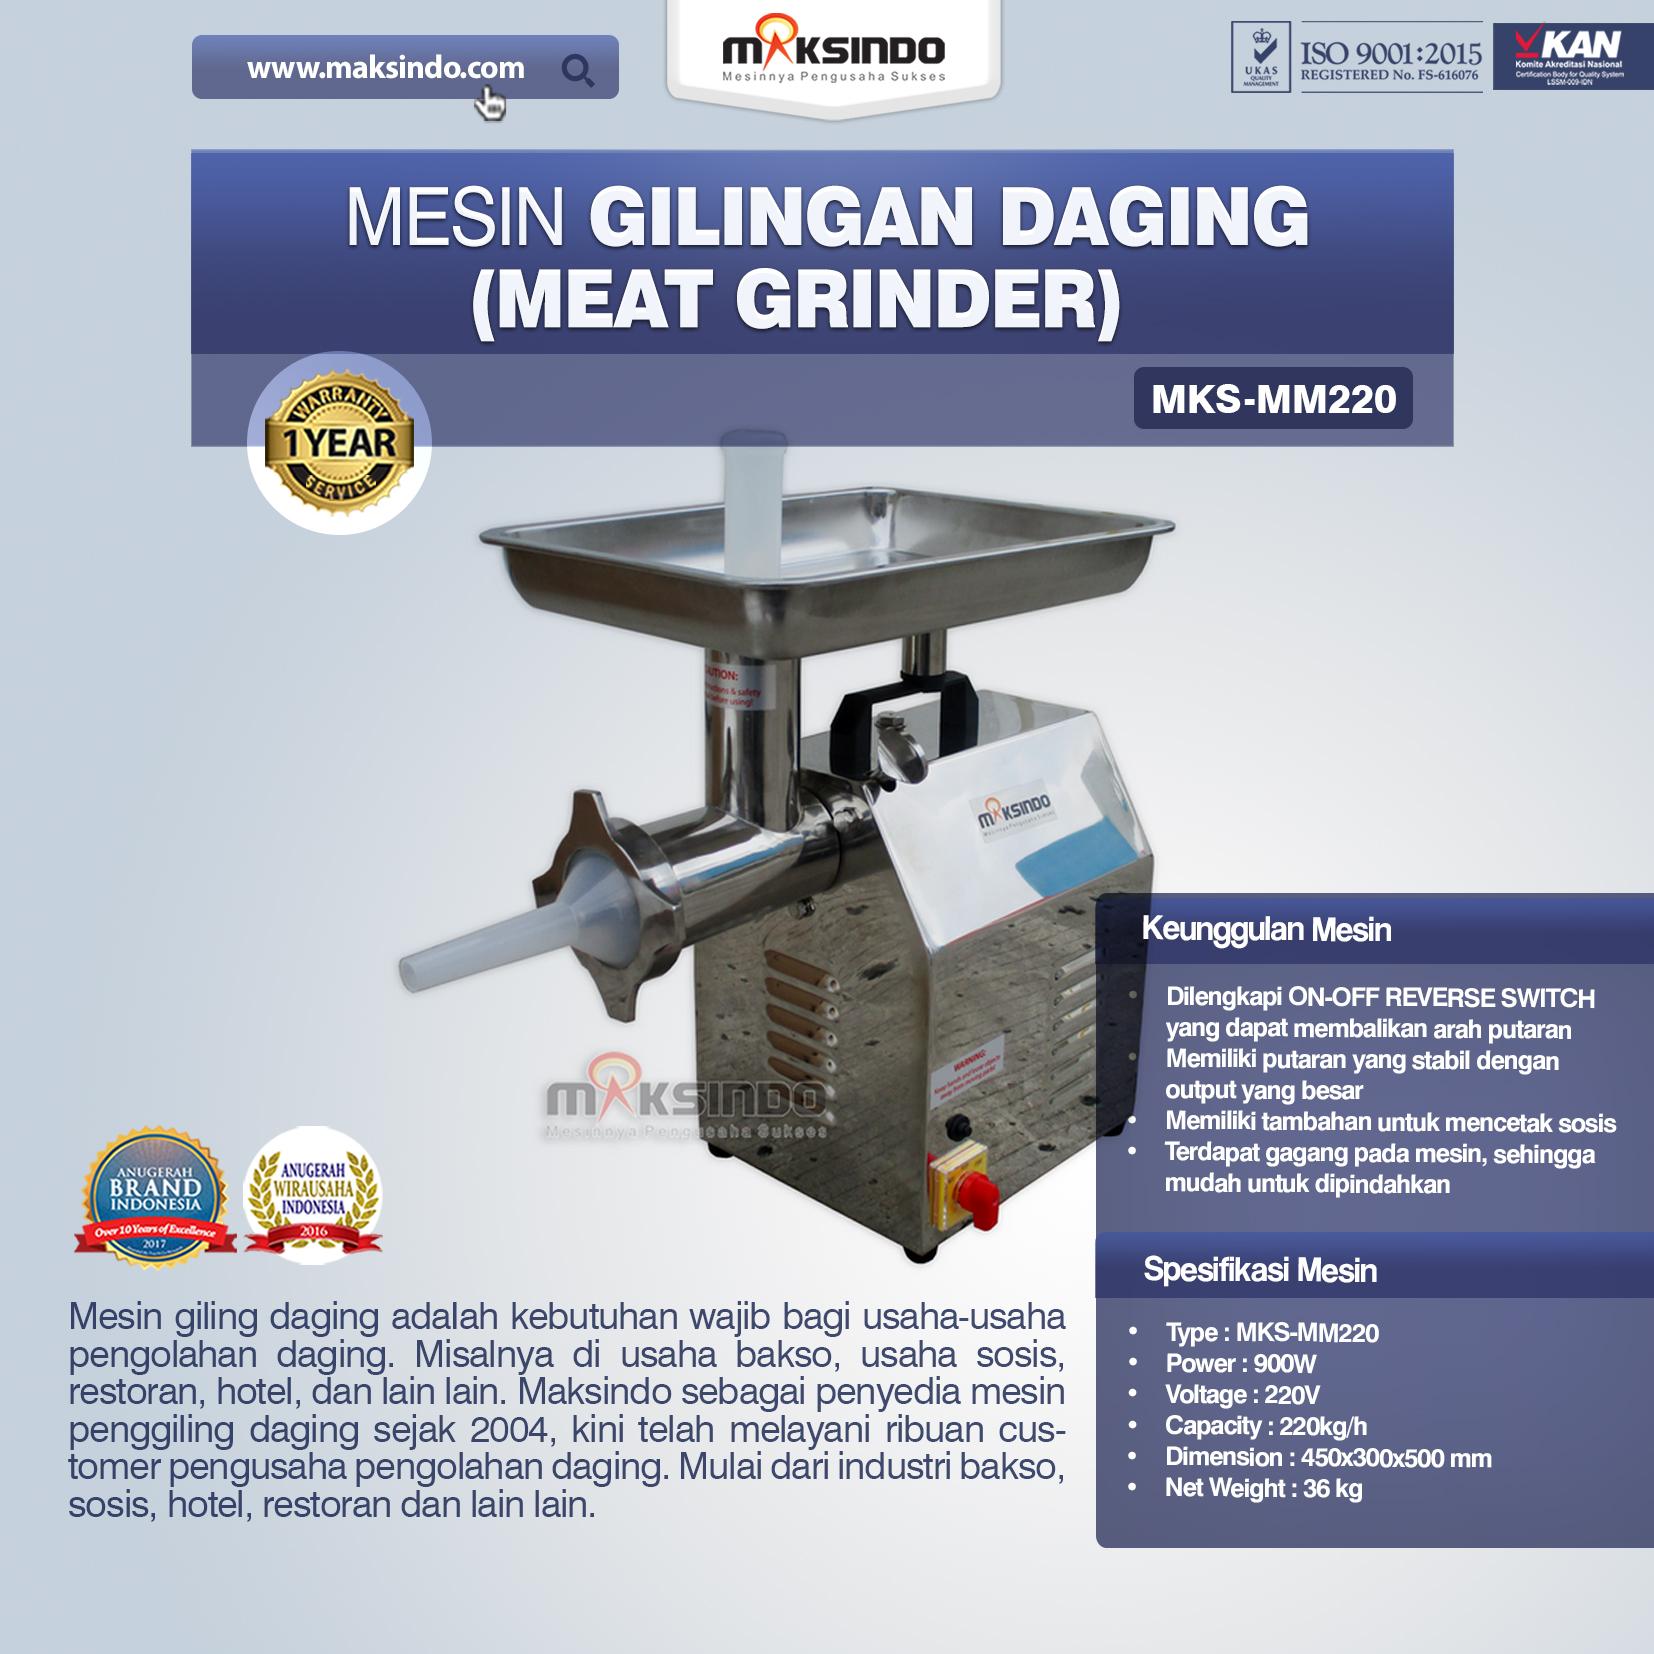 Jual Mesin Giling Daging (Meat Grinder) MKS-MM220 di Jakarta